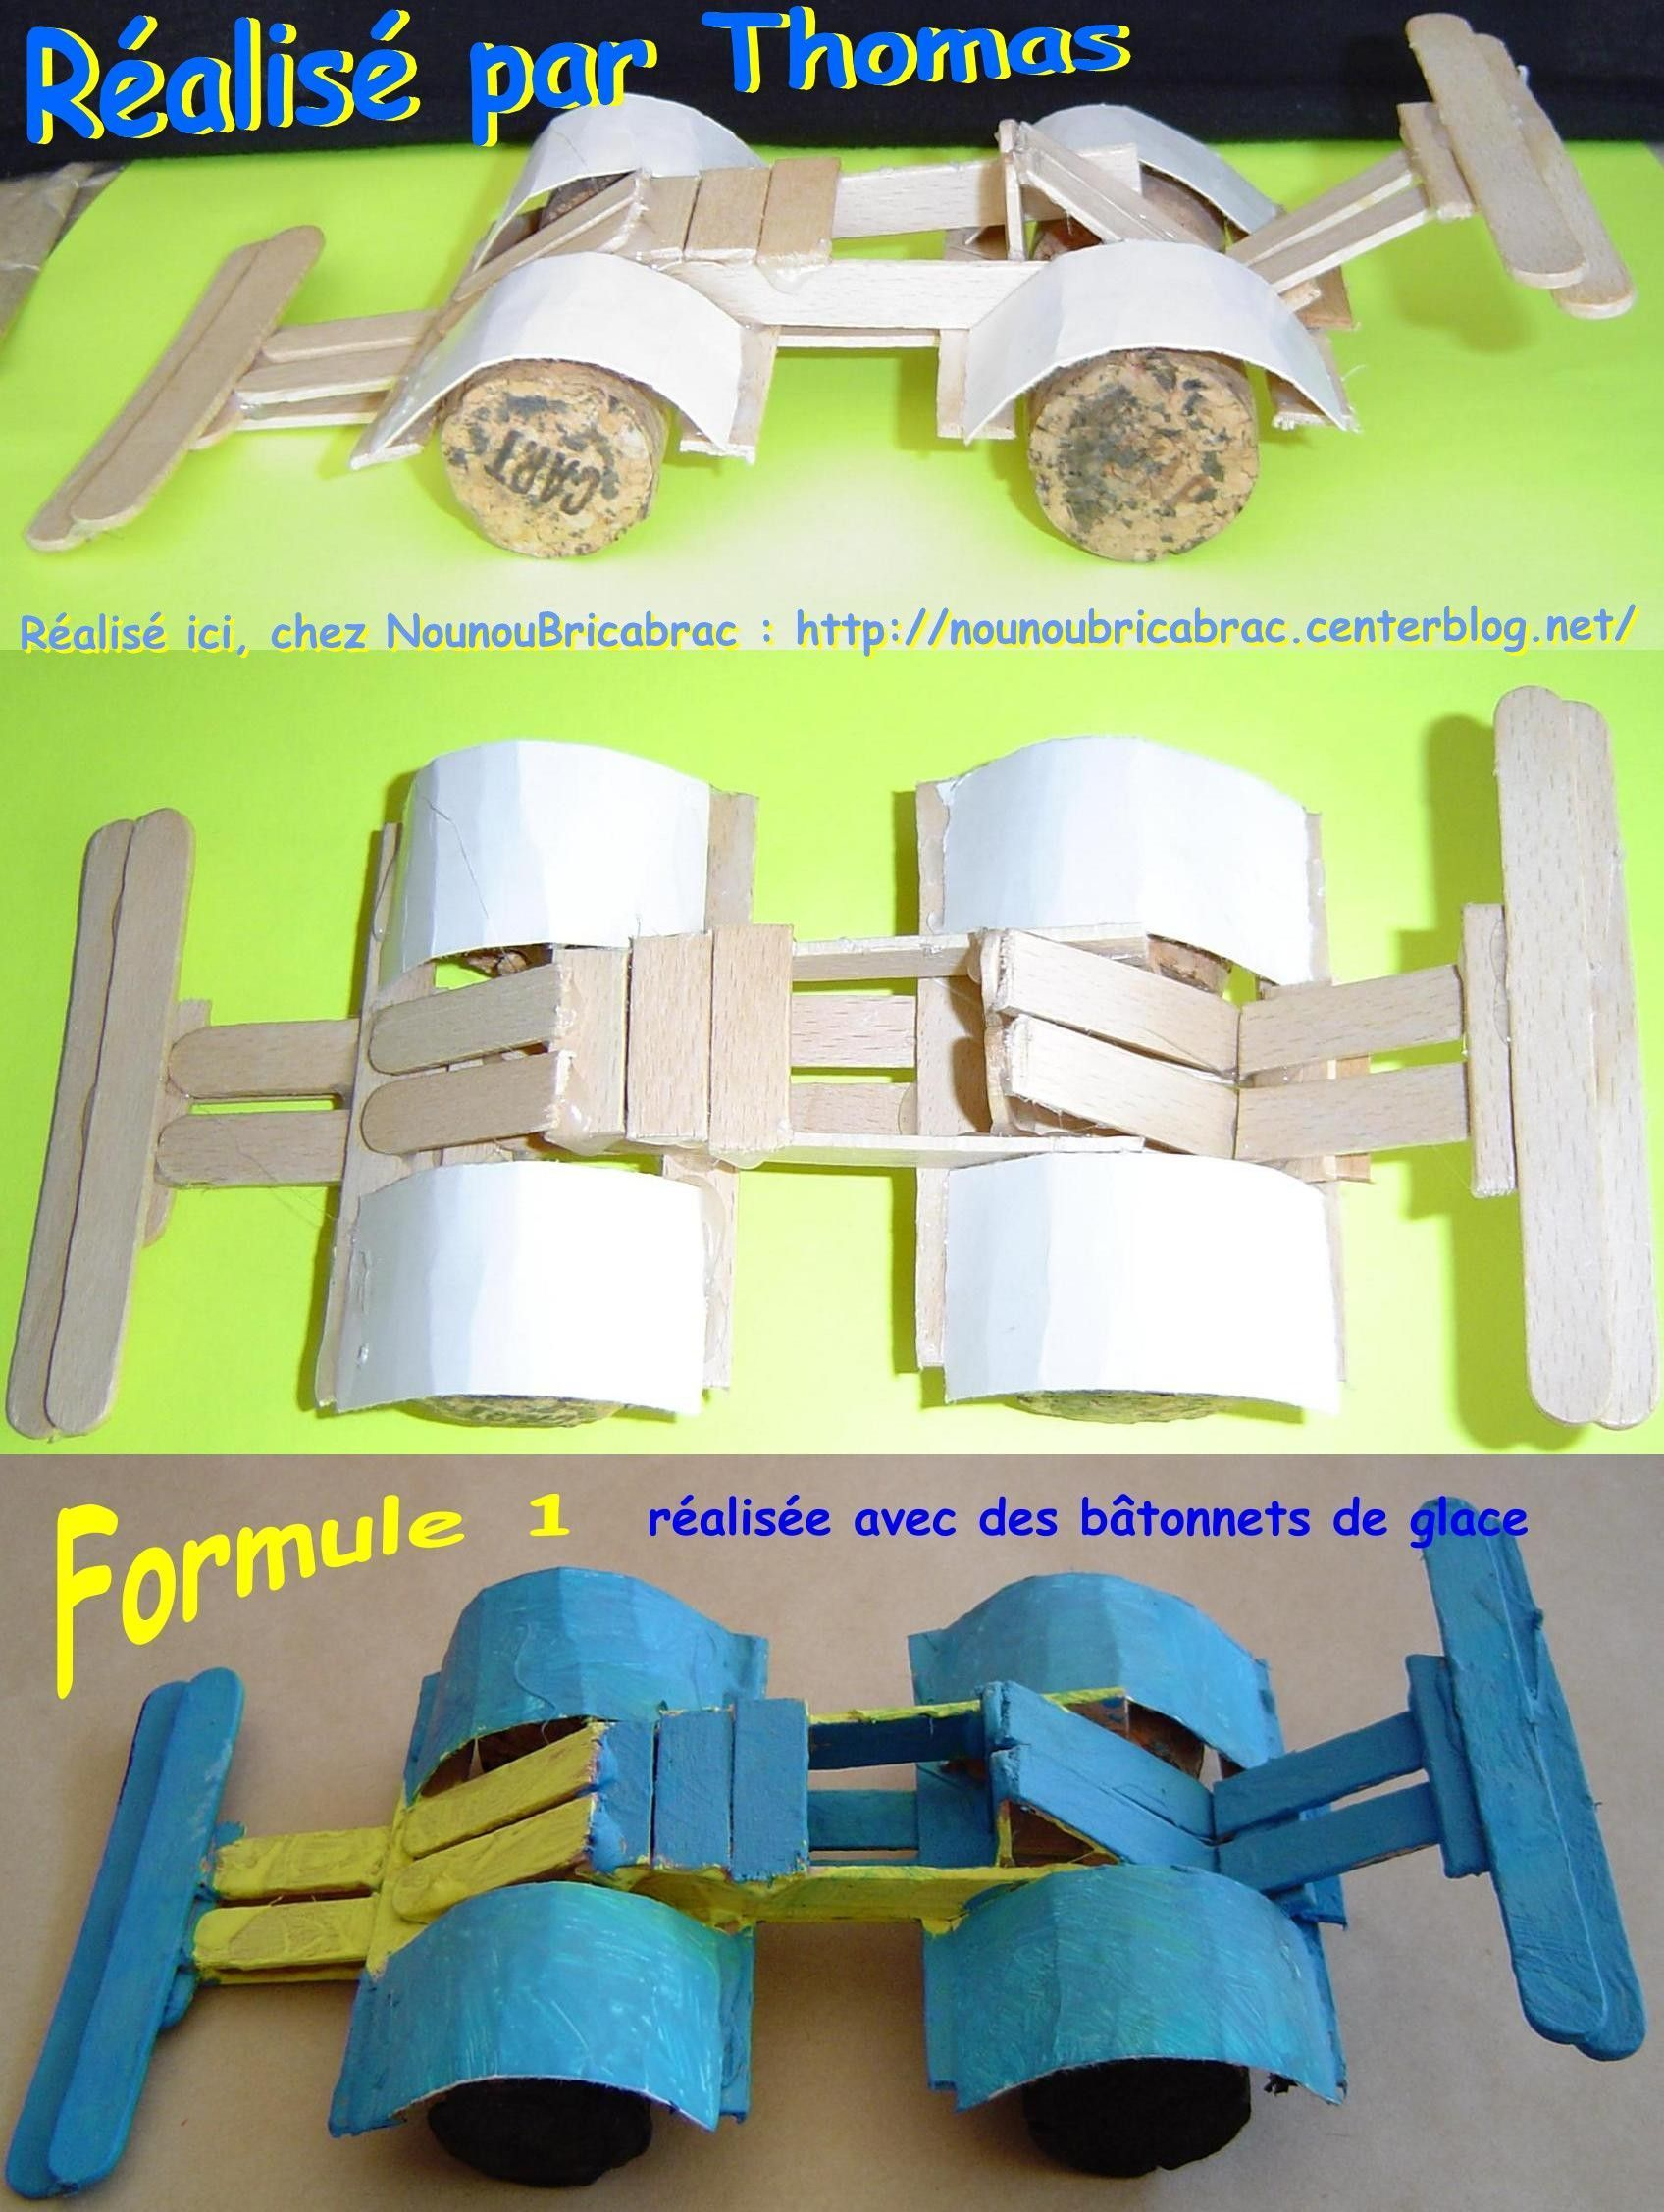 F1 avec bâtonnets de glace... réalisé par Thomas